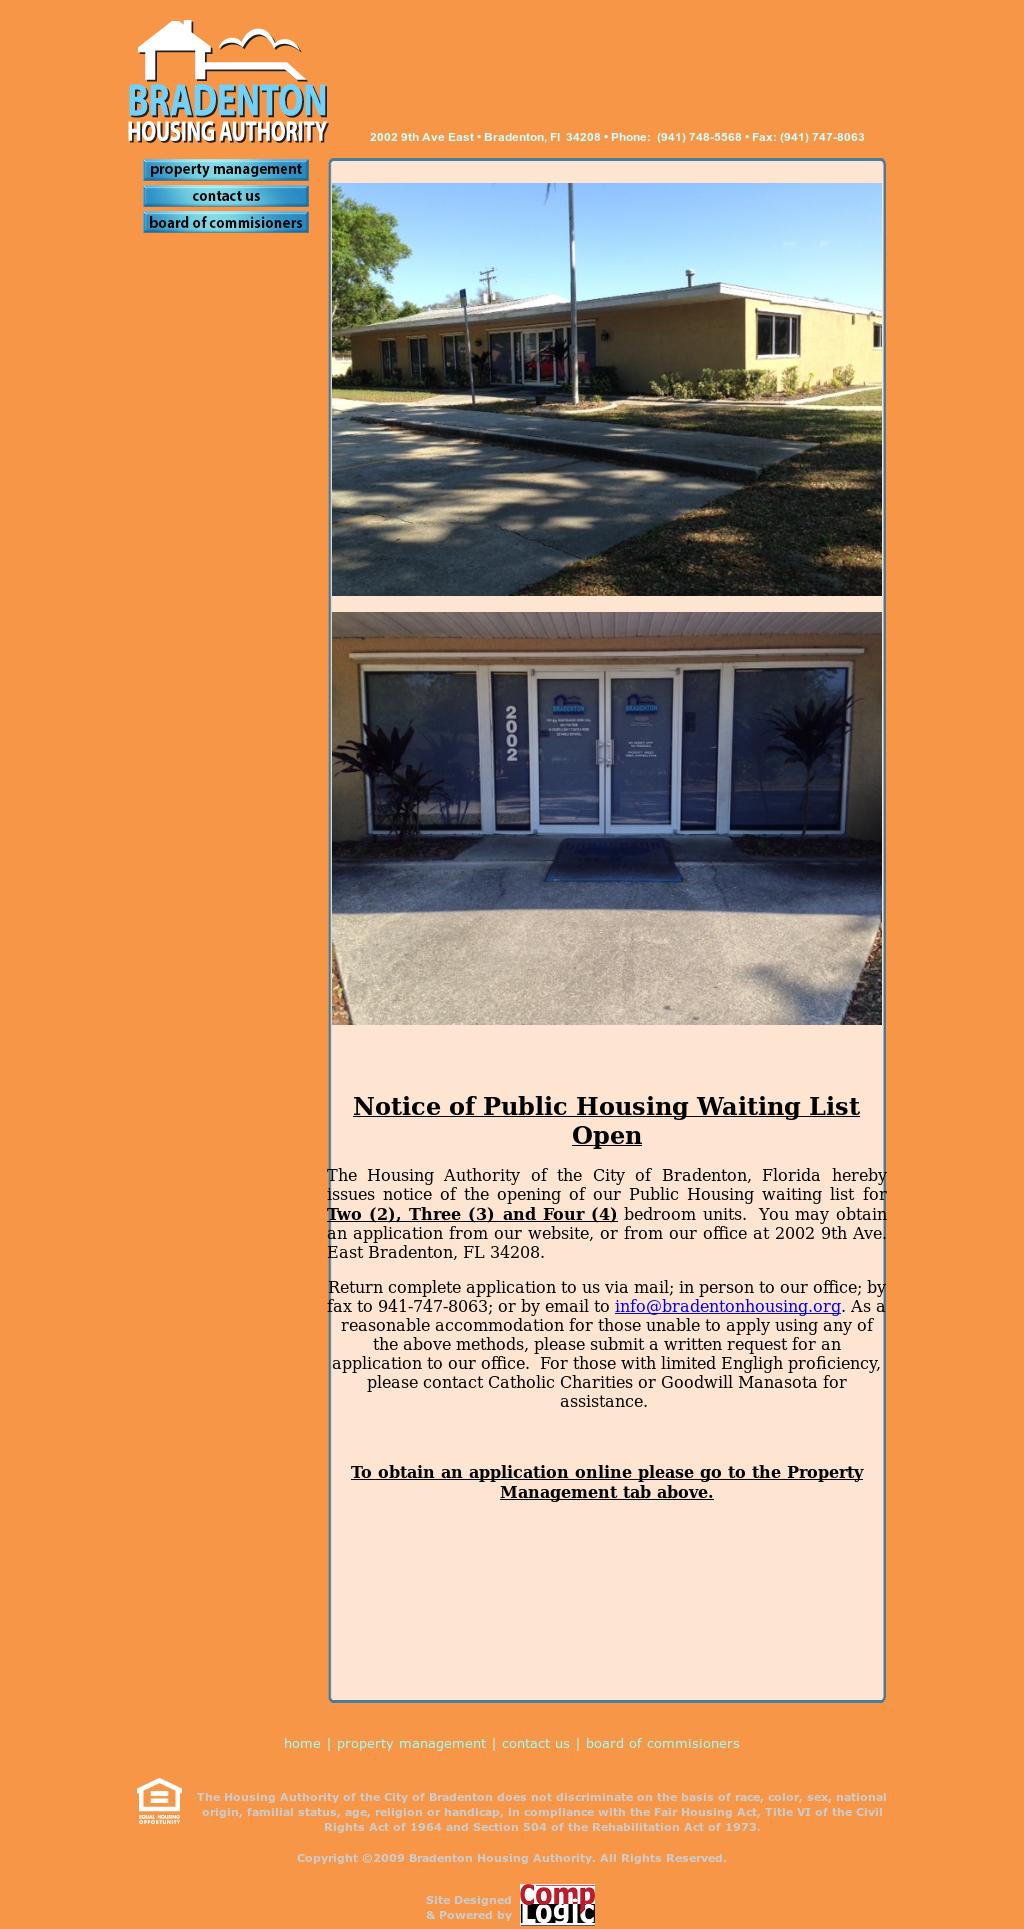 BRADENTON HOUSING AUTHORITY Competitors, Revenue and Employees